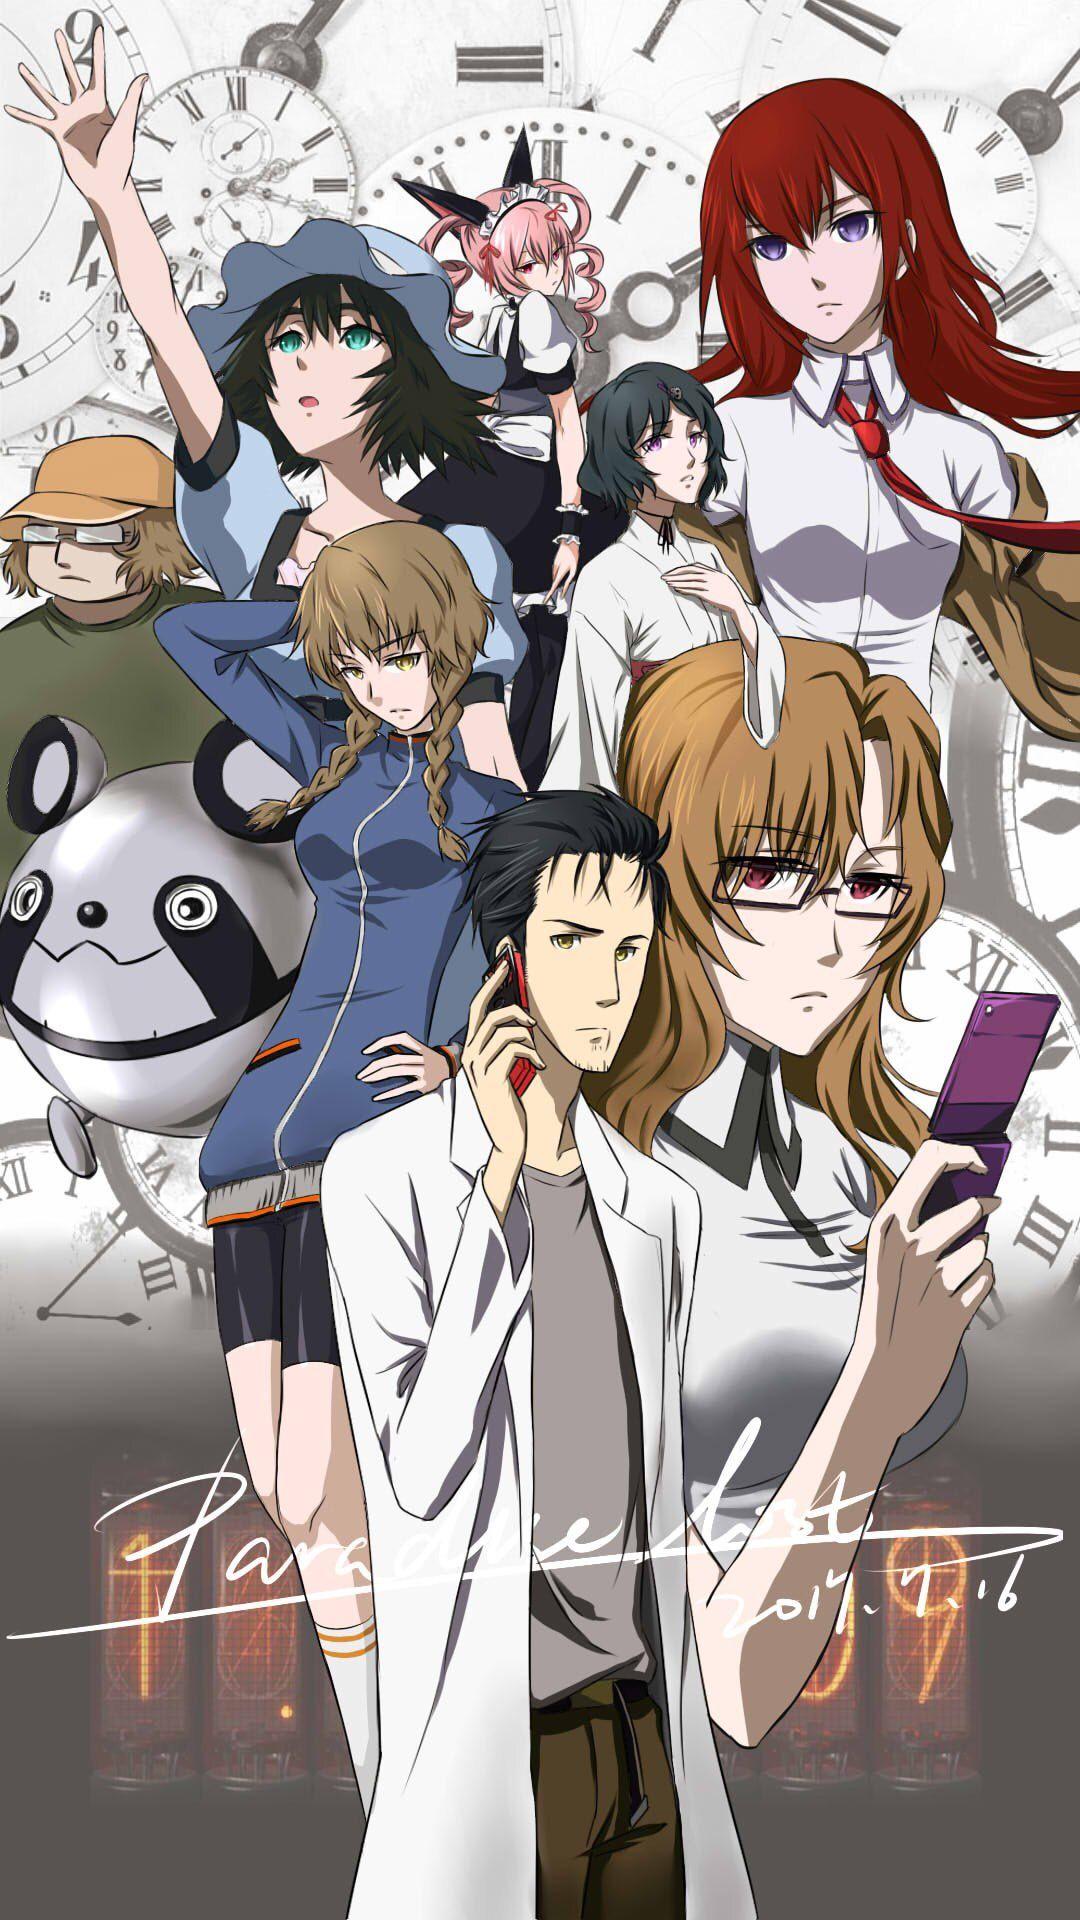 Steins;Gate Arte anime, Anime, Imagem de anime